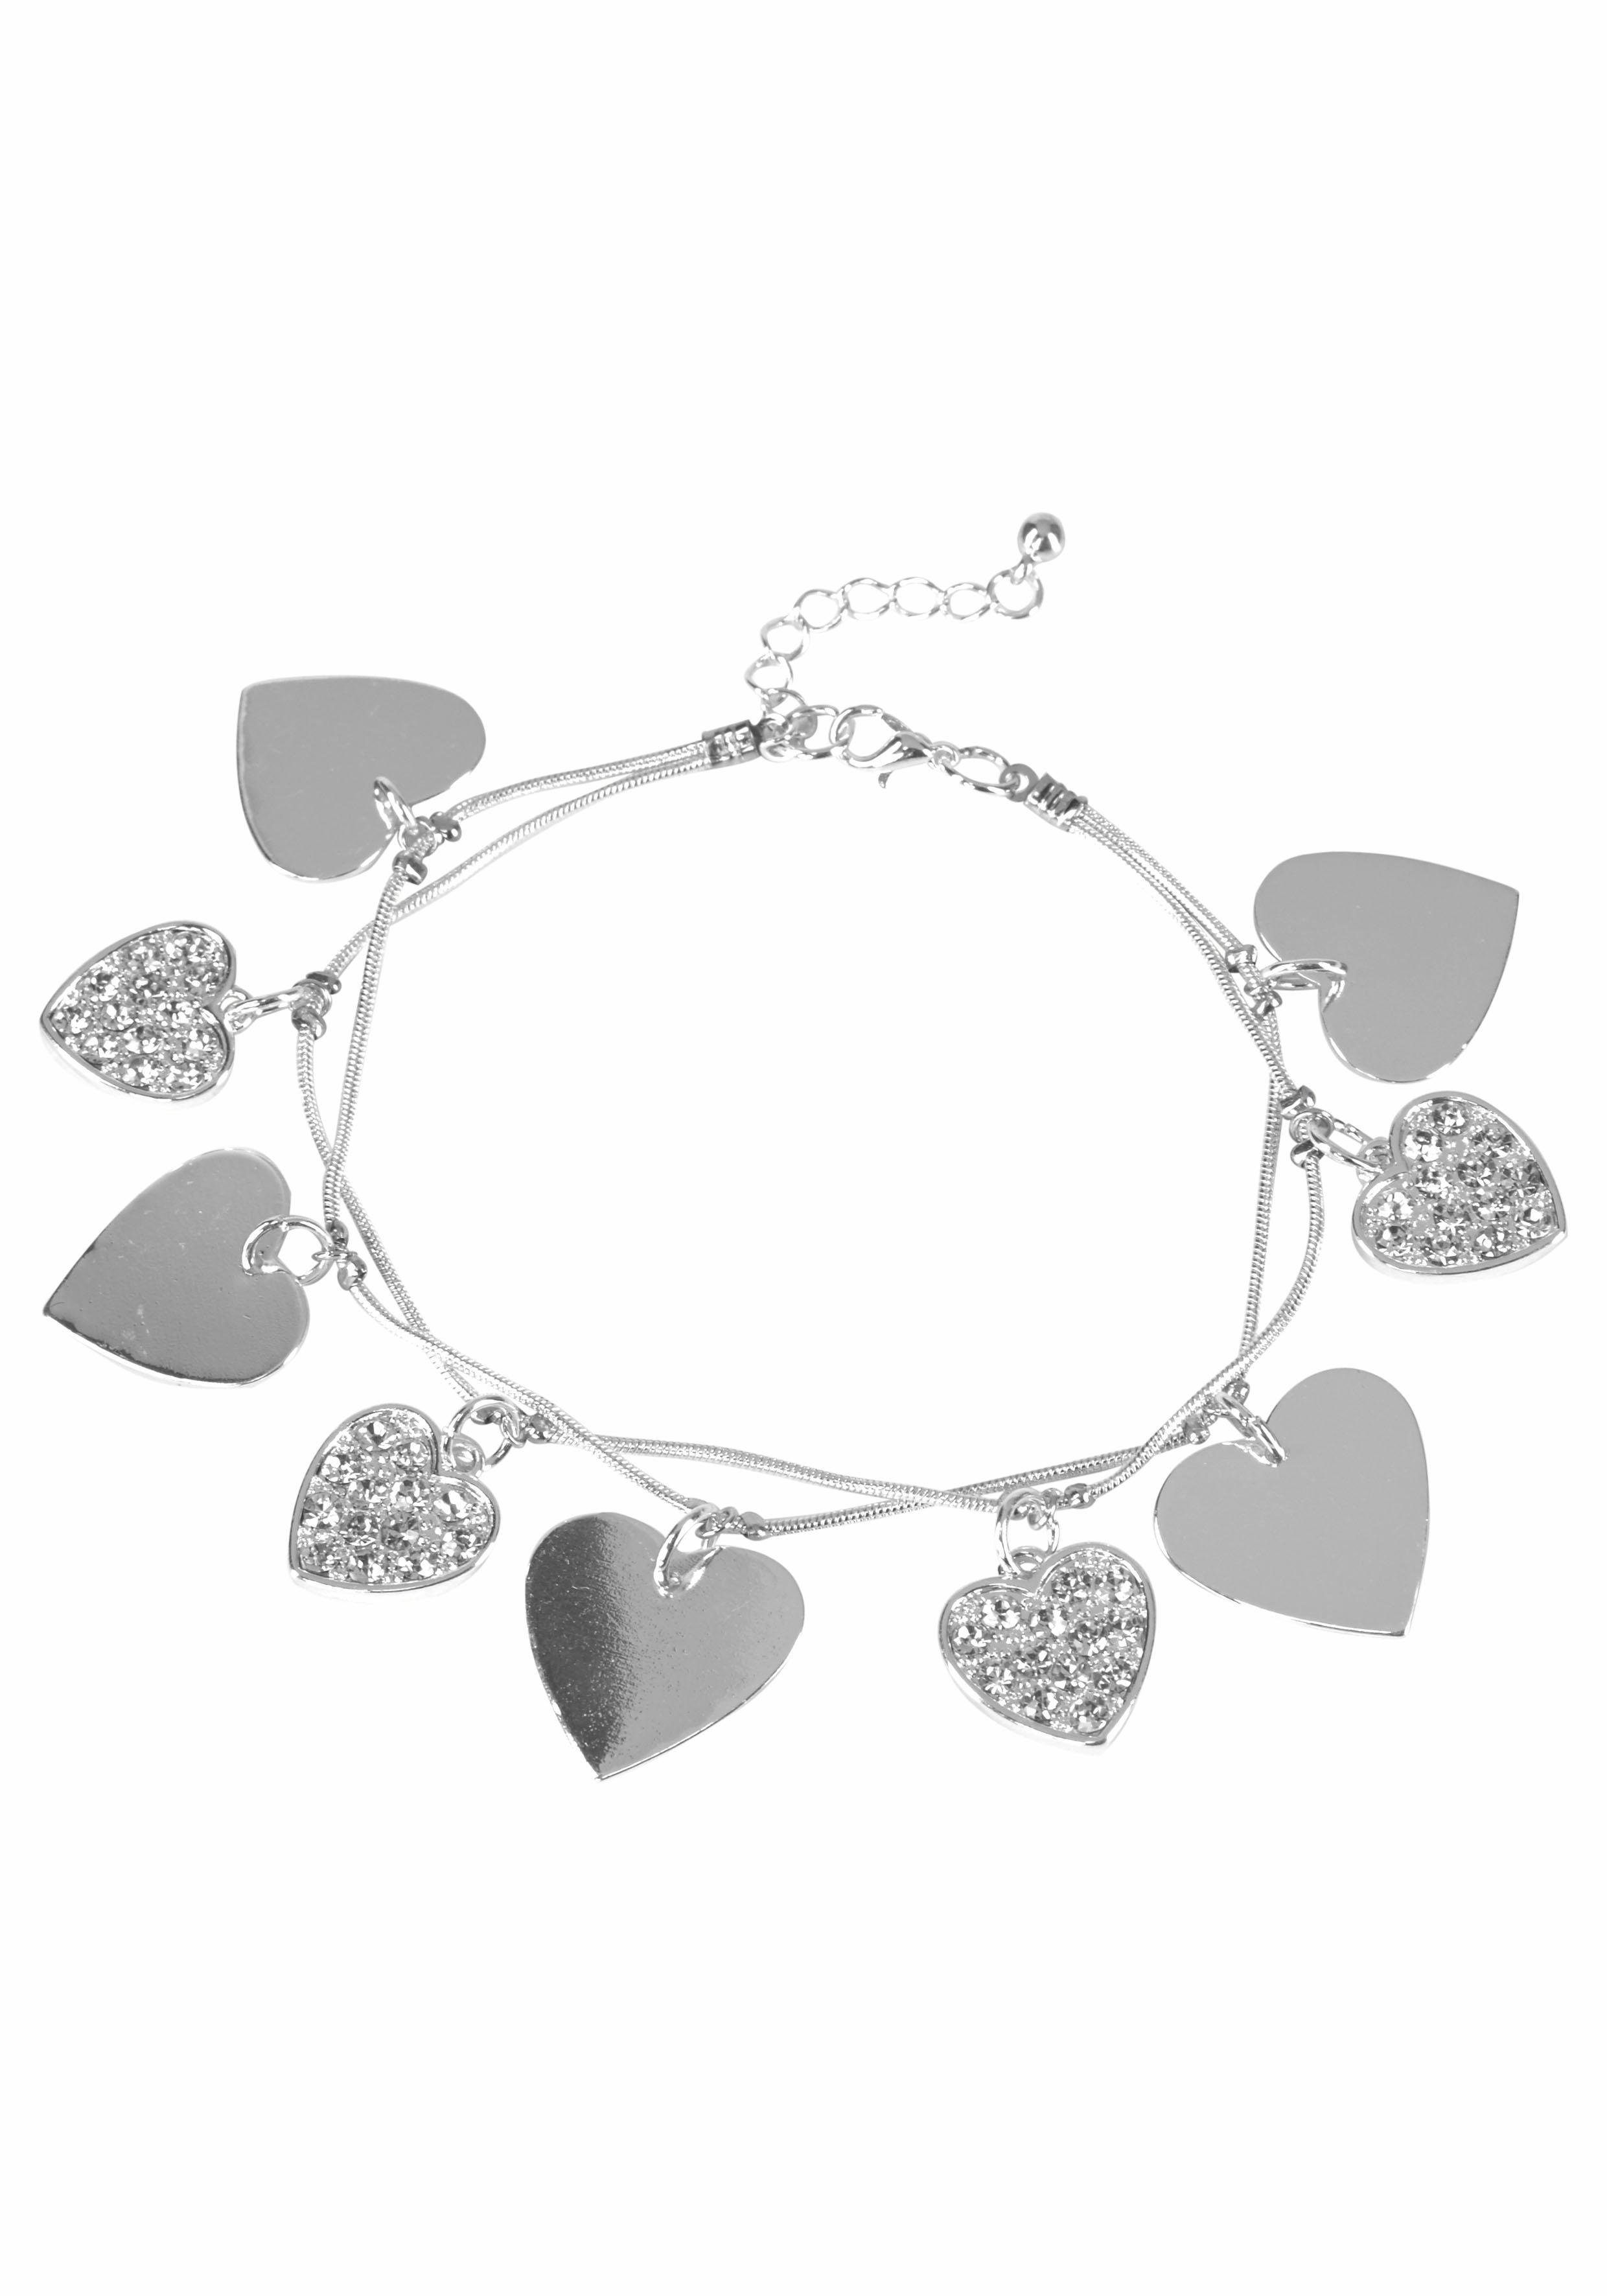 J.Jayz Armband mit Herzen und Strasssteinen